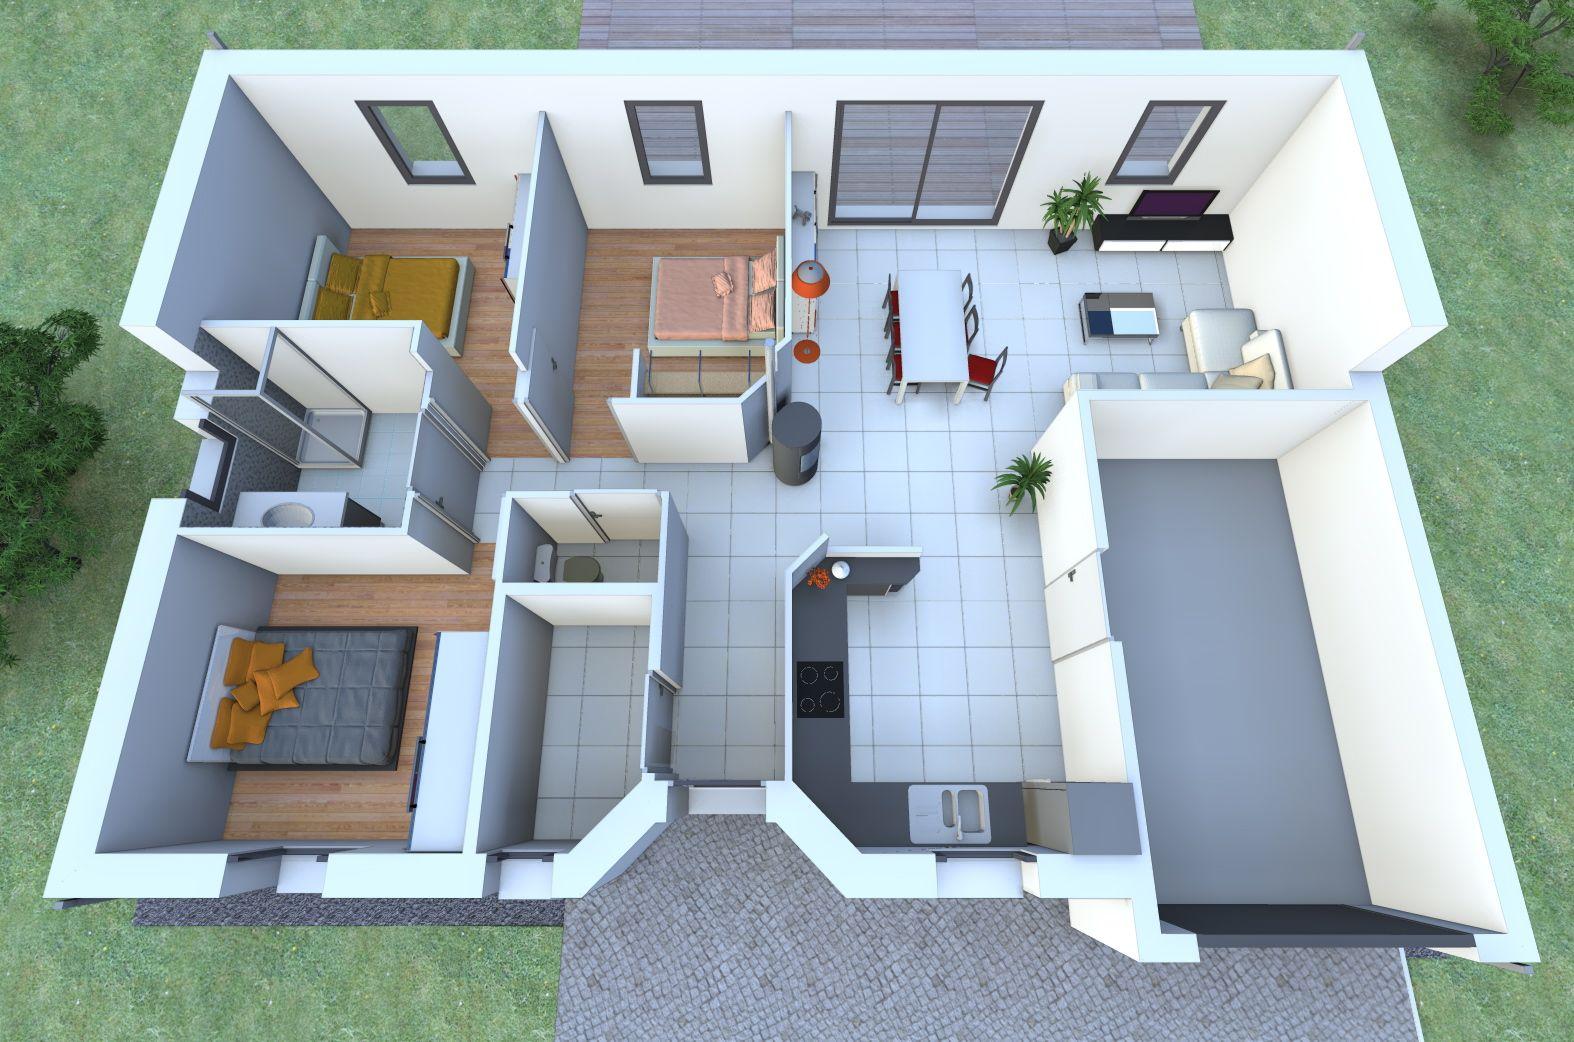 Une maison de plain pied avec 3 chambres vous fait r ver for Plan maison 90m2 3 chambres